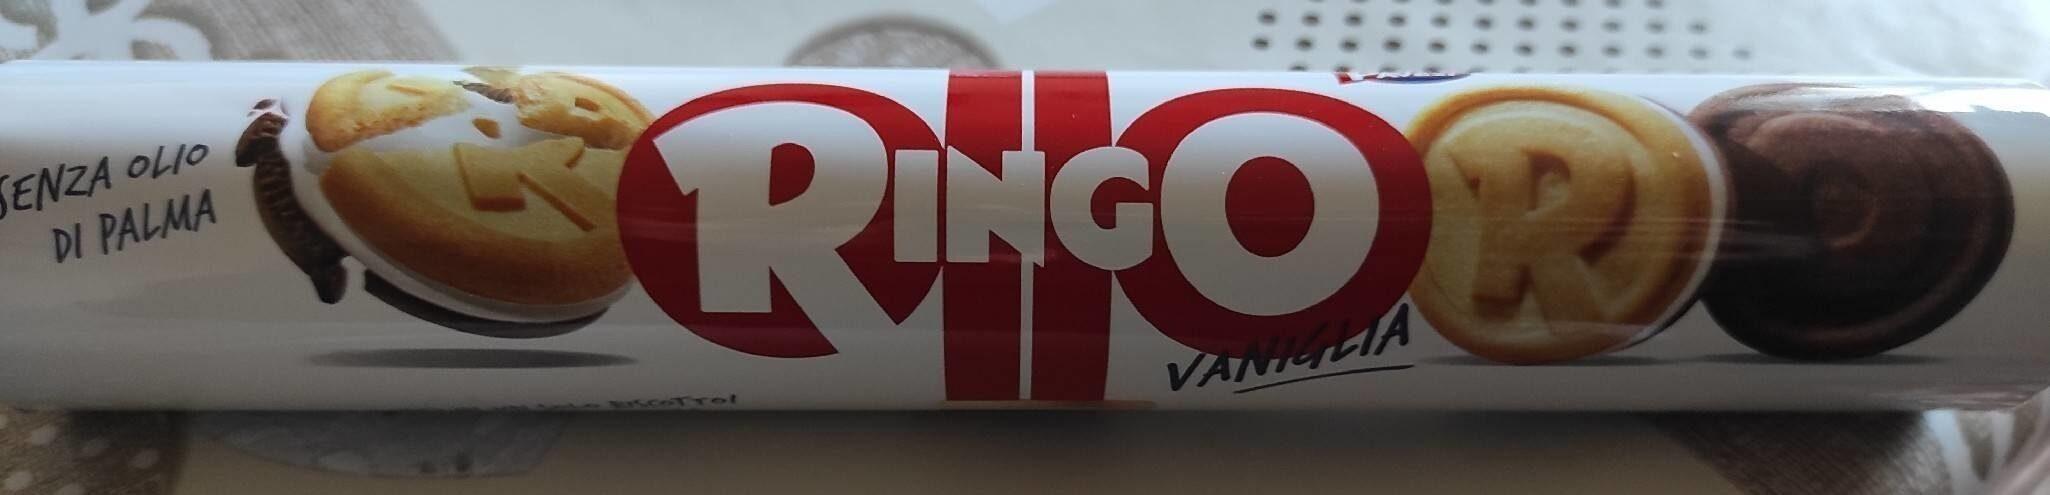 Ringo Vaniglia - Produit - fr